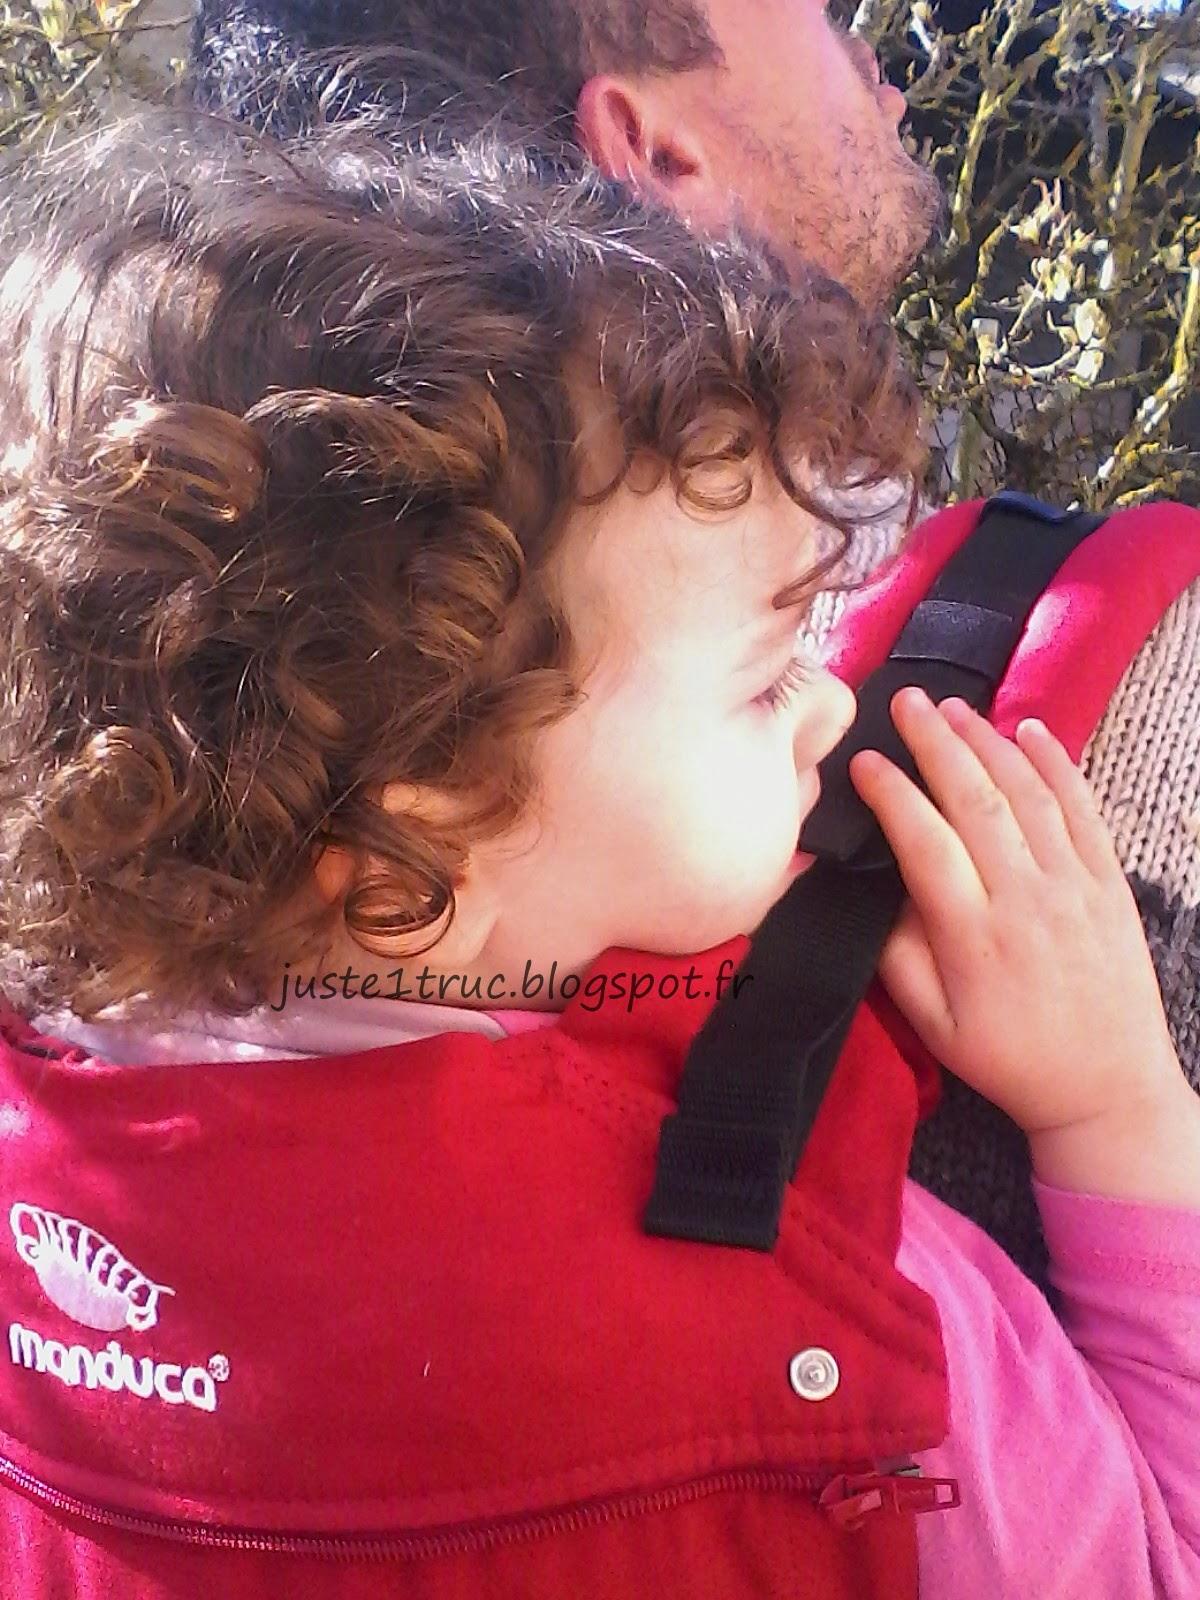 manduca préformé portage porte-bébé ssc fullbuckle porter test review détails